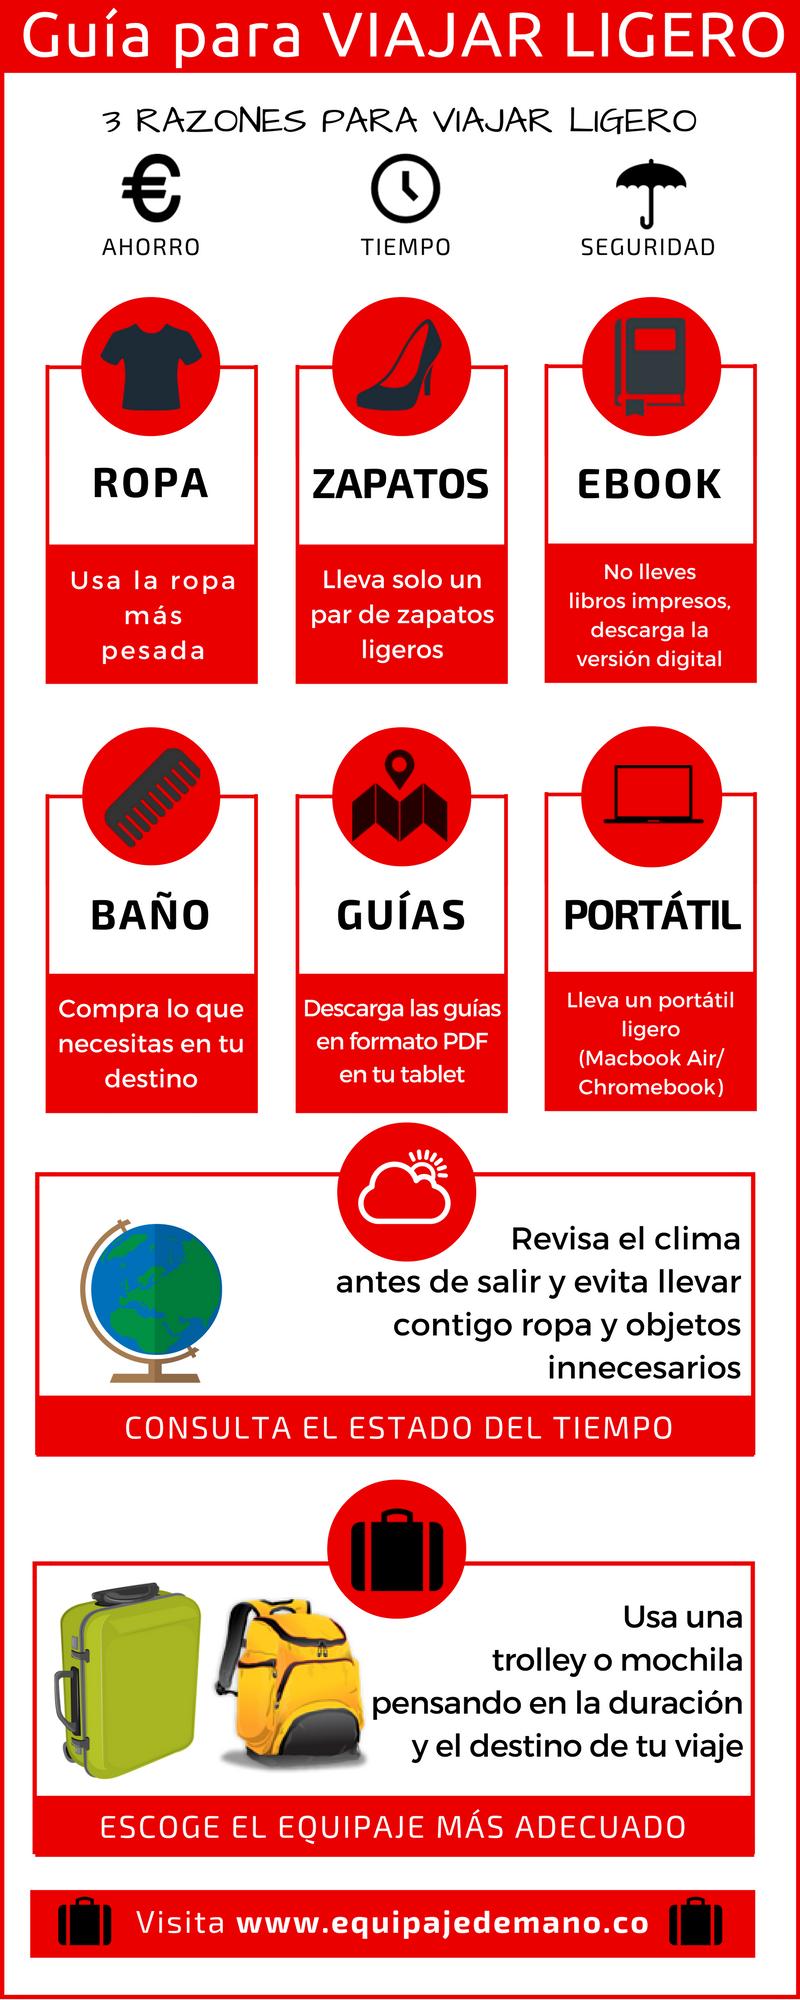 Infografia para viajar ligero